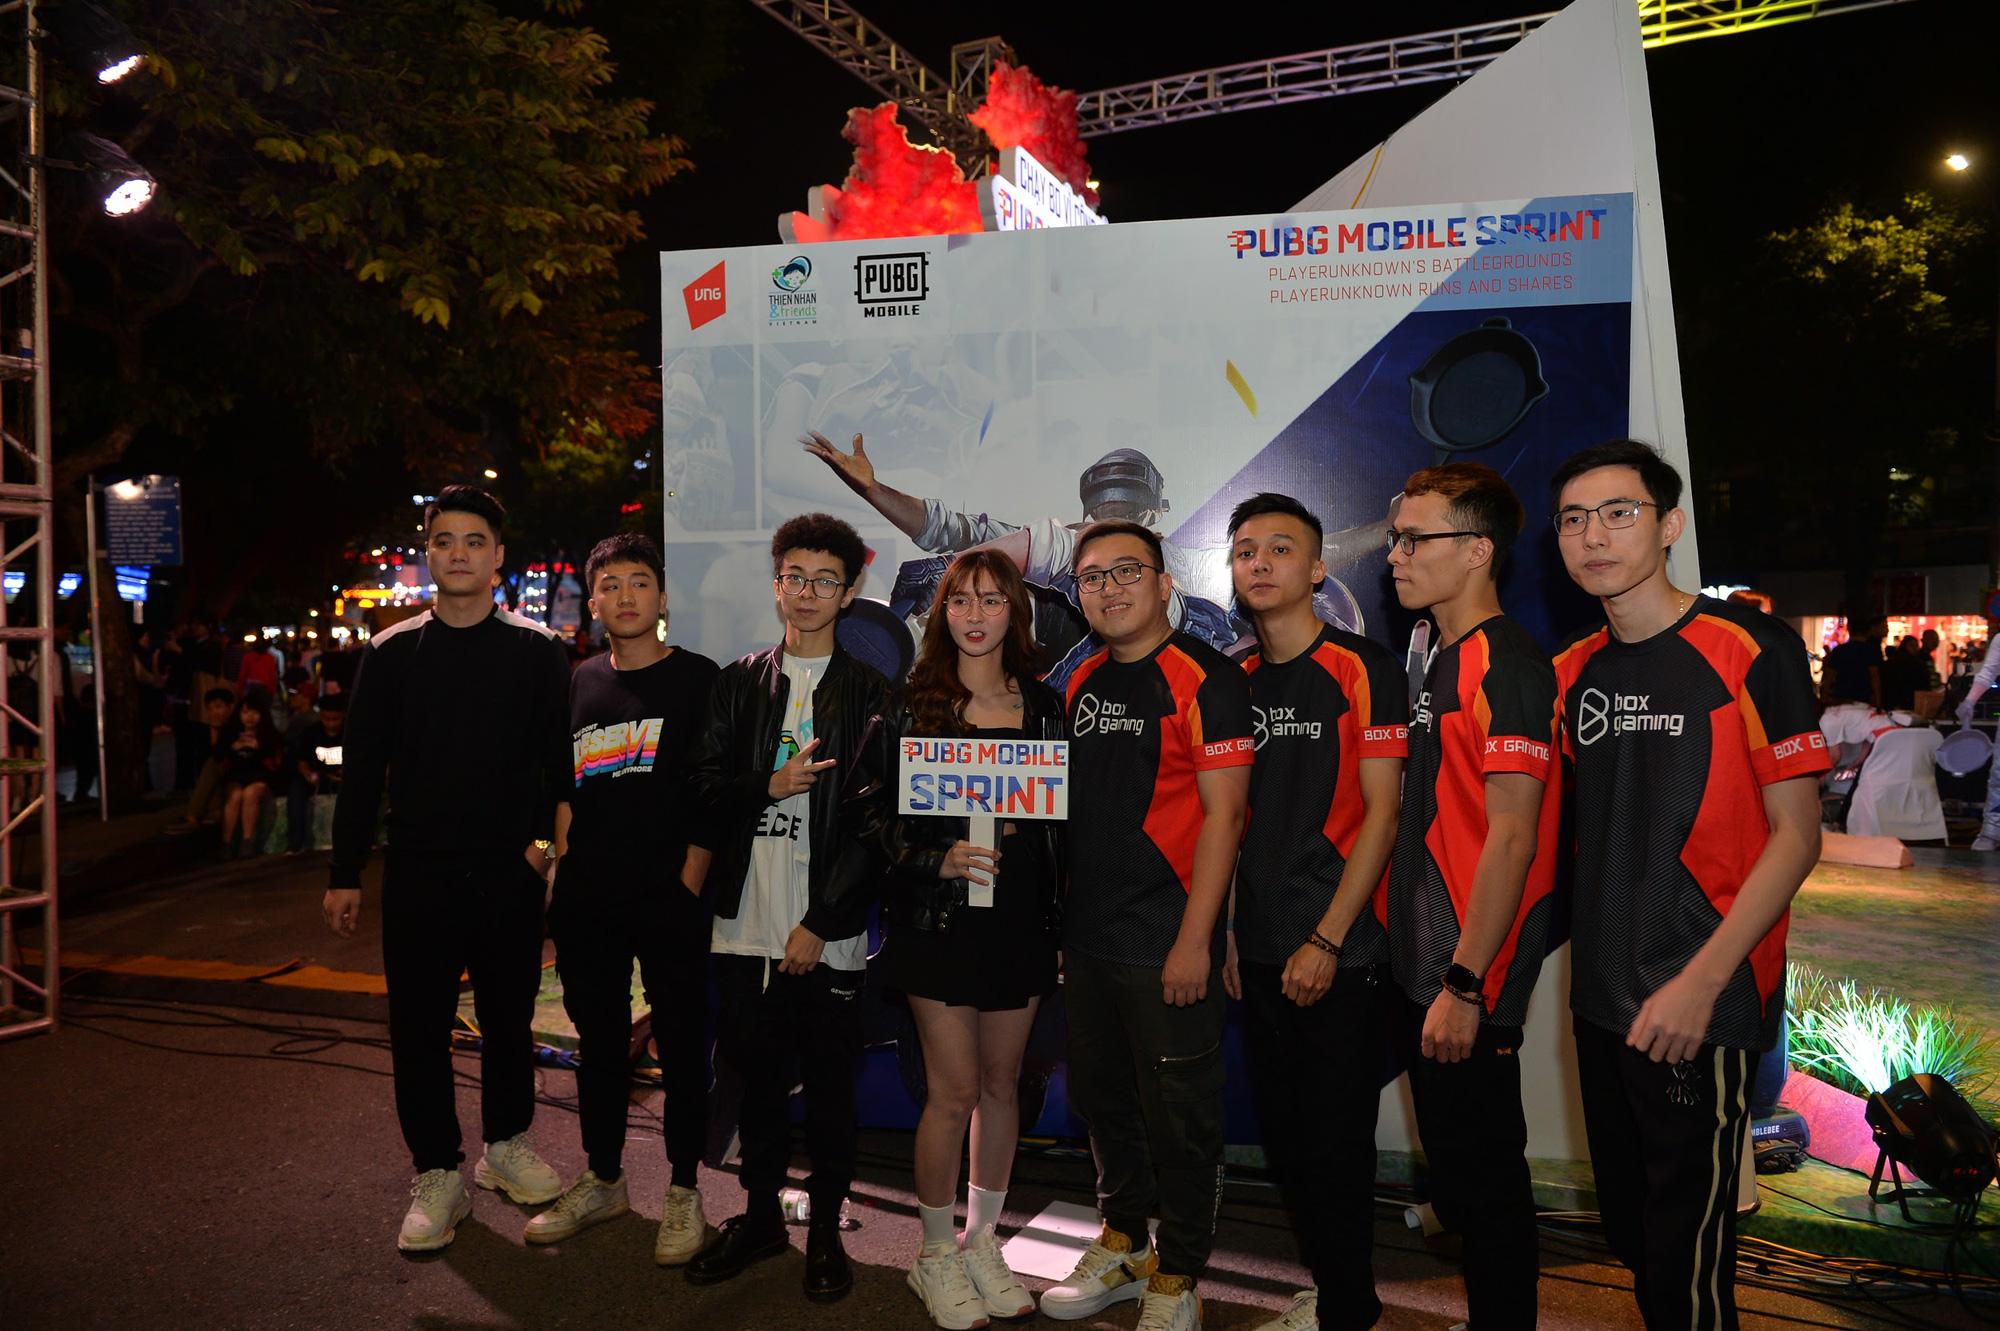 Box Gaming, Ngân Sát Thủ cùng dàn streamer hội tụ tại sự kiện gây quỹ từ thiện PUBG MOBILE SPRINT - Chạy bo vì cộng đồng - Ảnh 2.